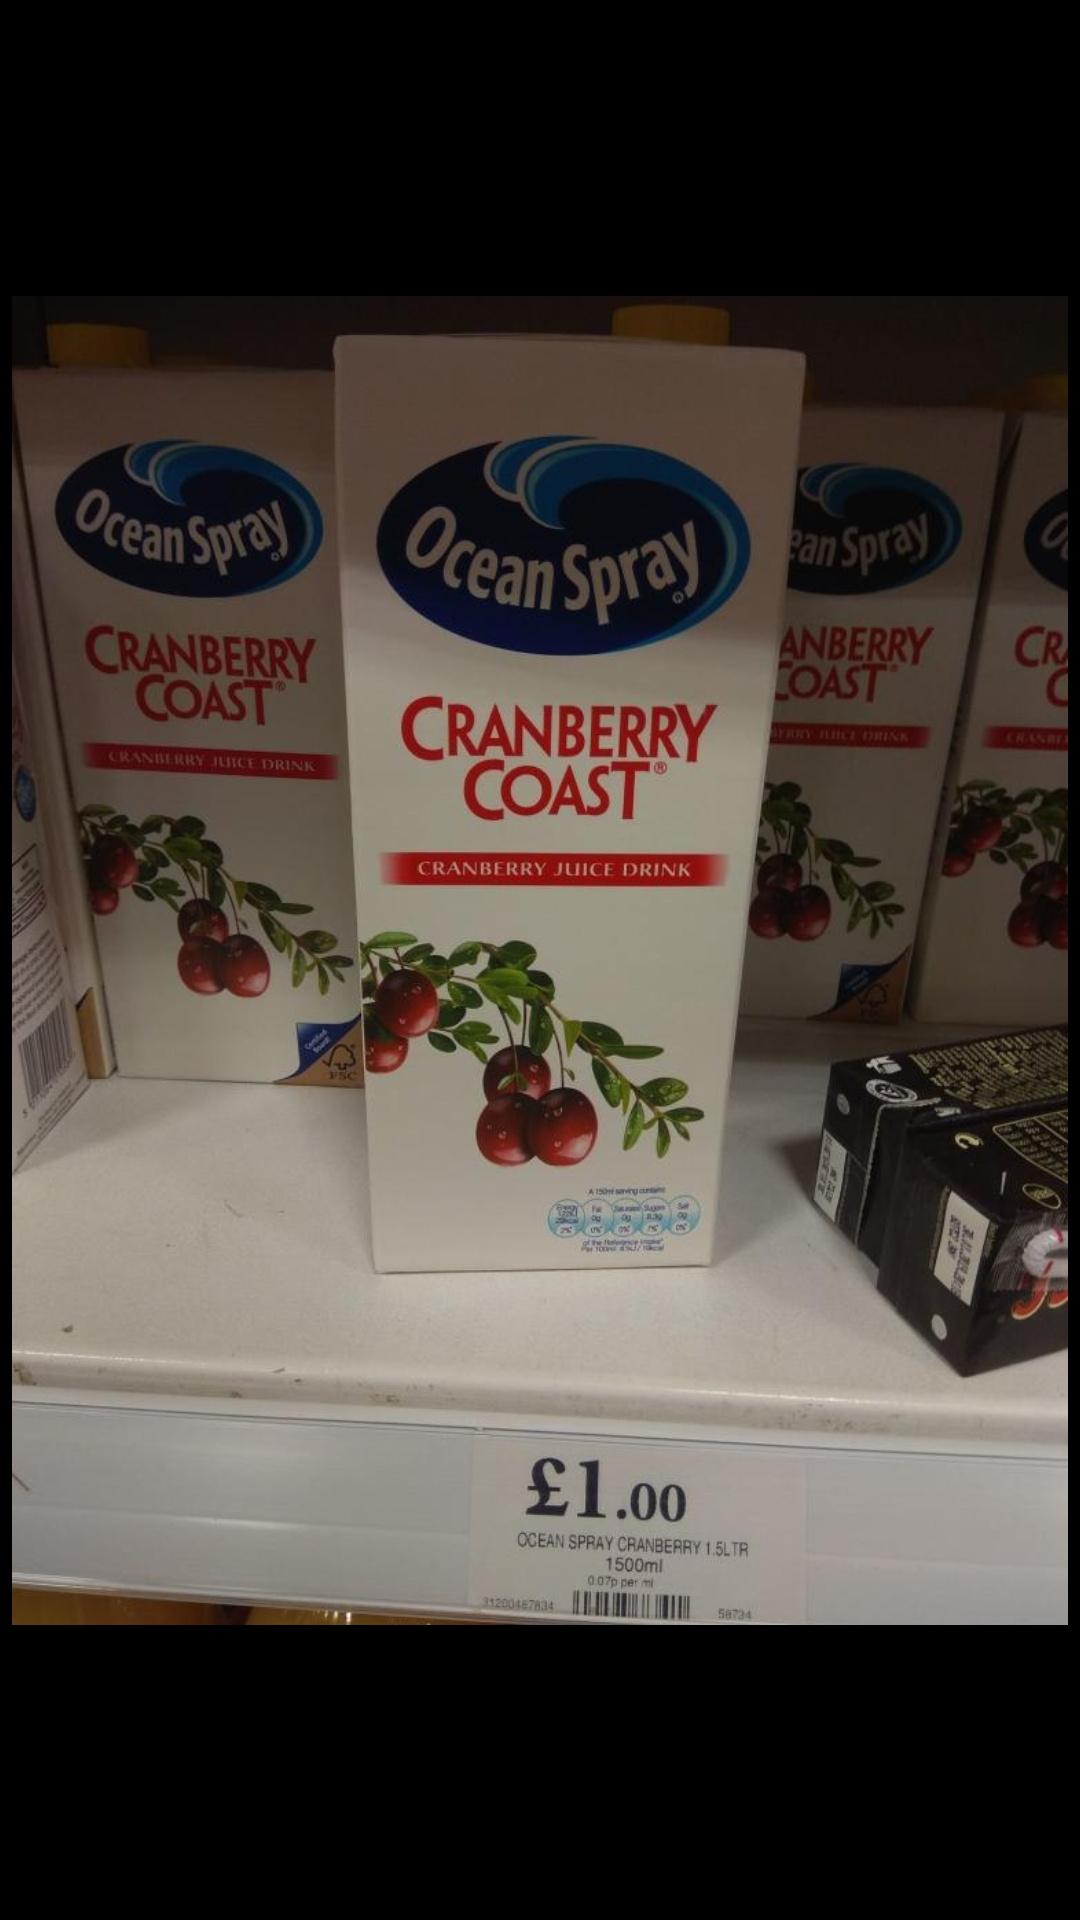 Ocean Spray Cranberry juice 1.5 litre@ home bargains £1